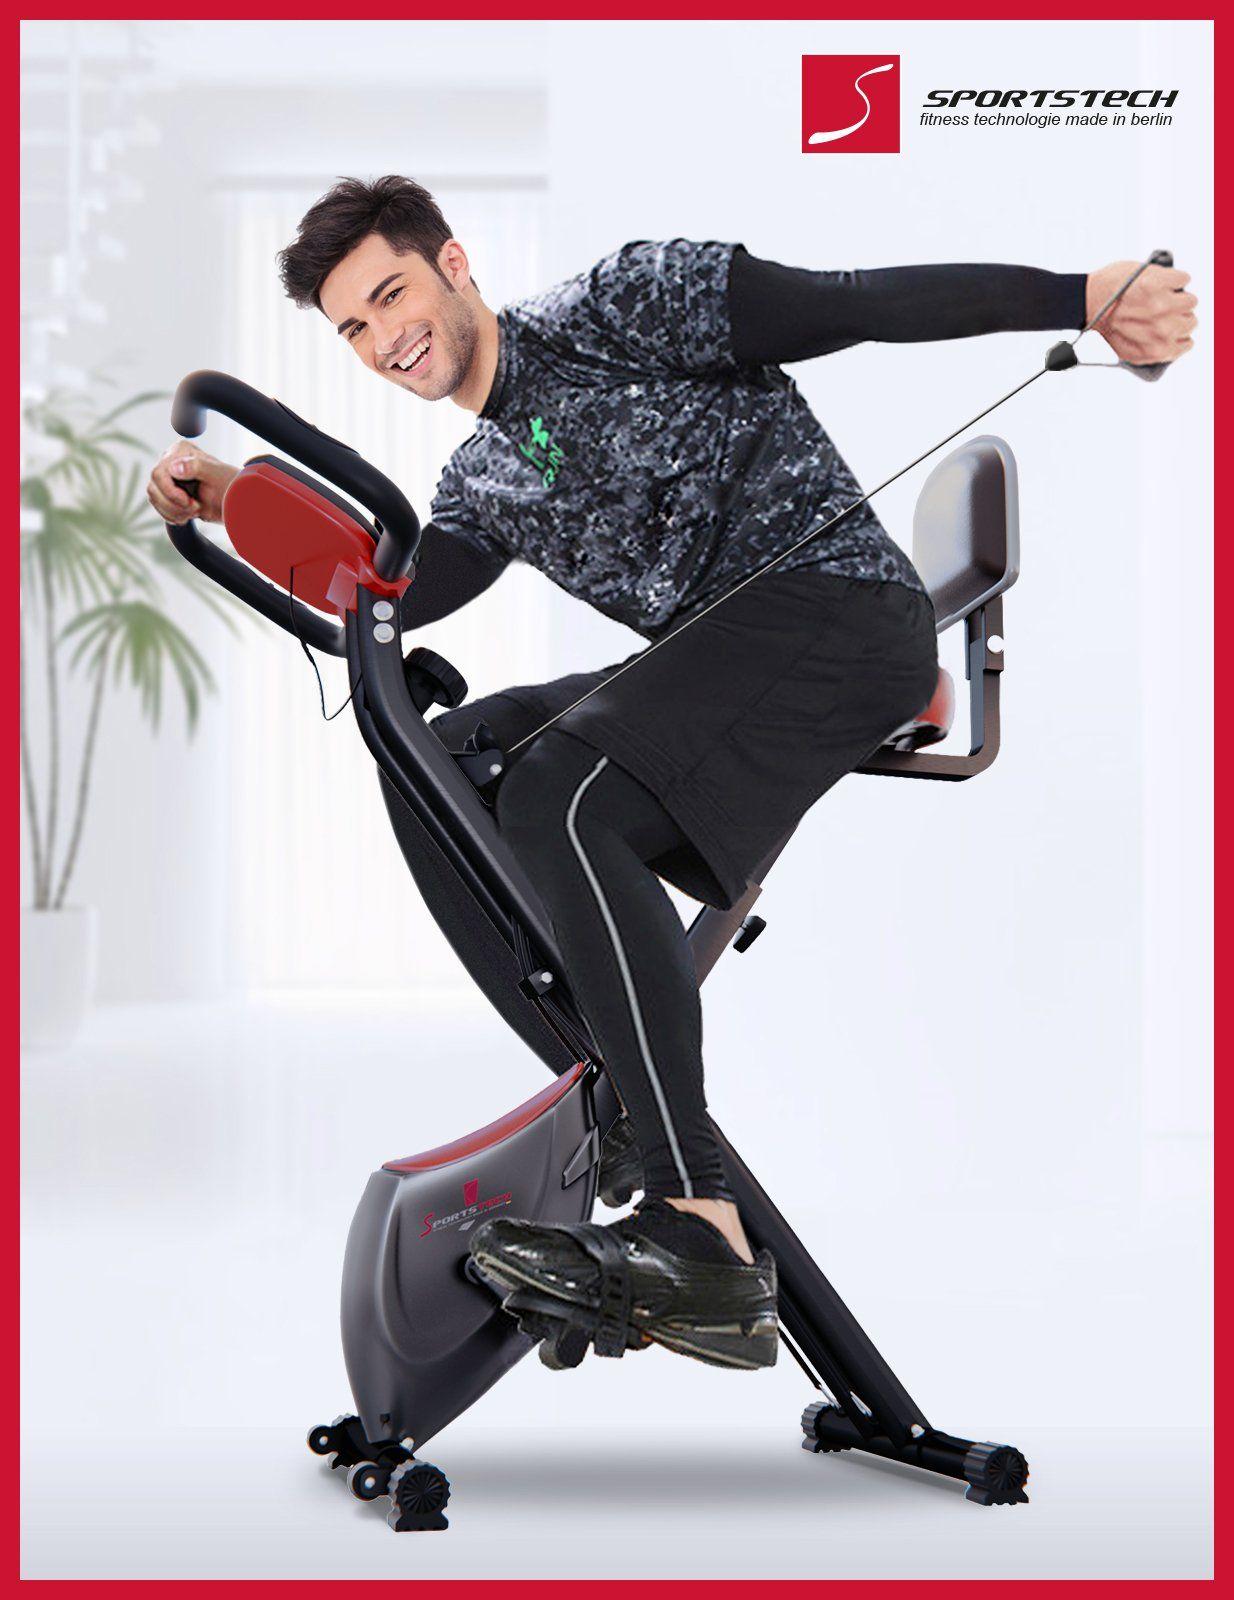 Sportstech F Bike X100 Amp X150 Fitnessbike X Bike Home Trainer